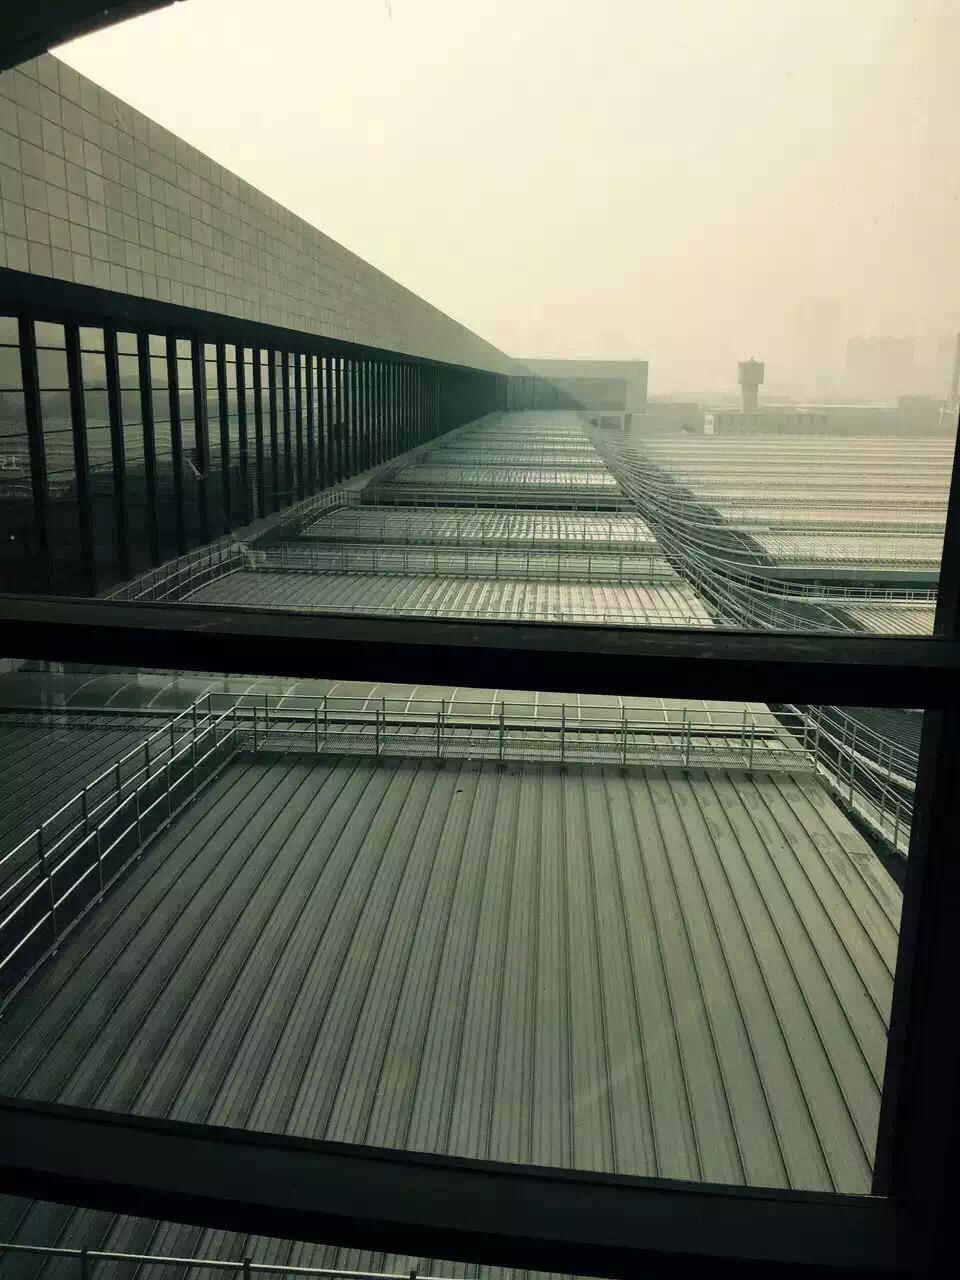 兰州西高铁站金属屋面-1